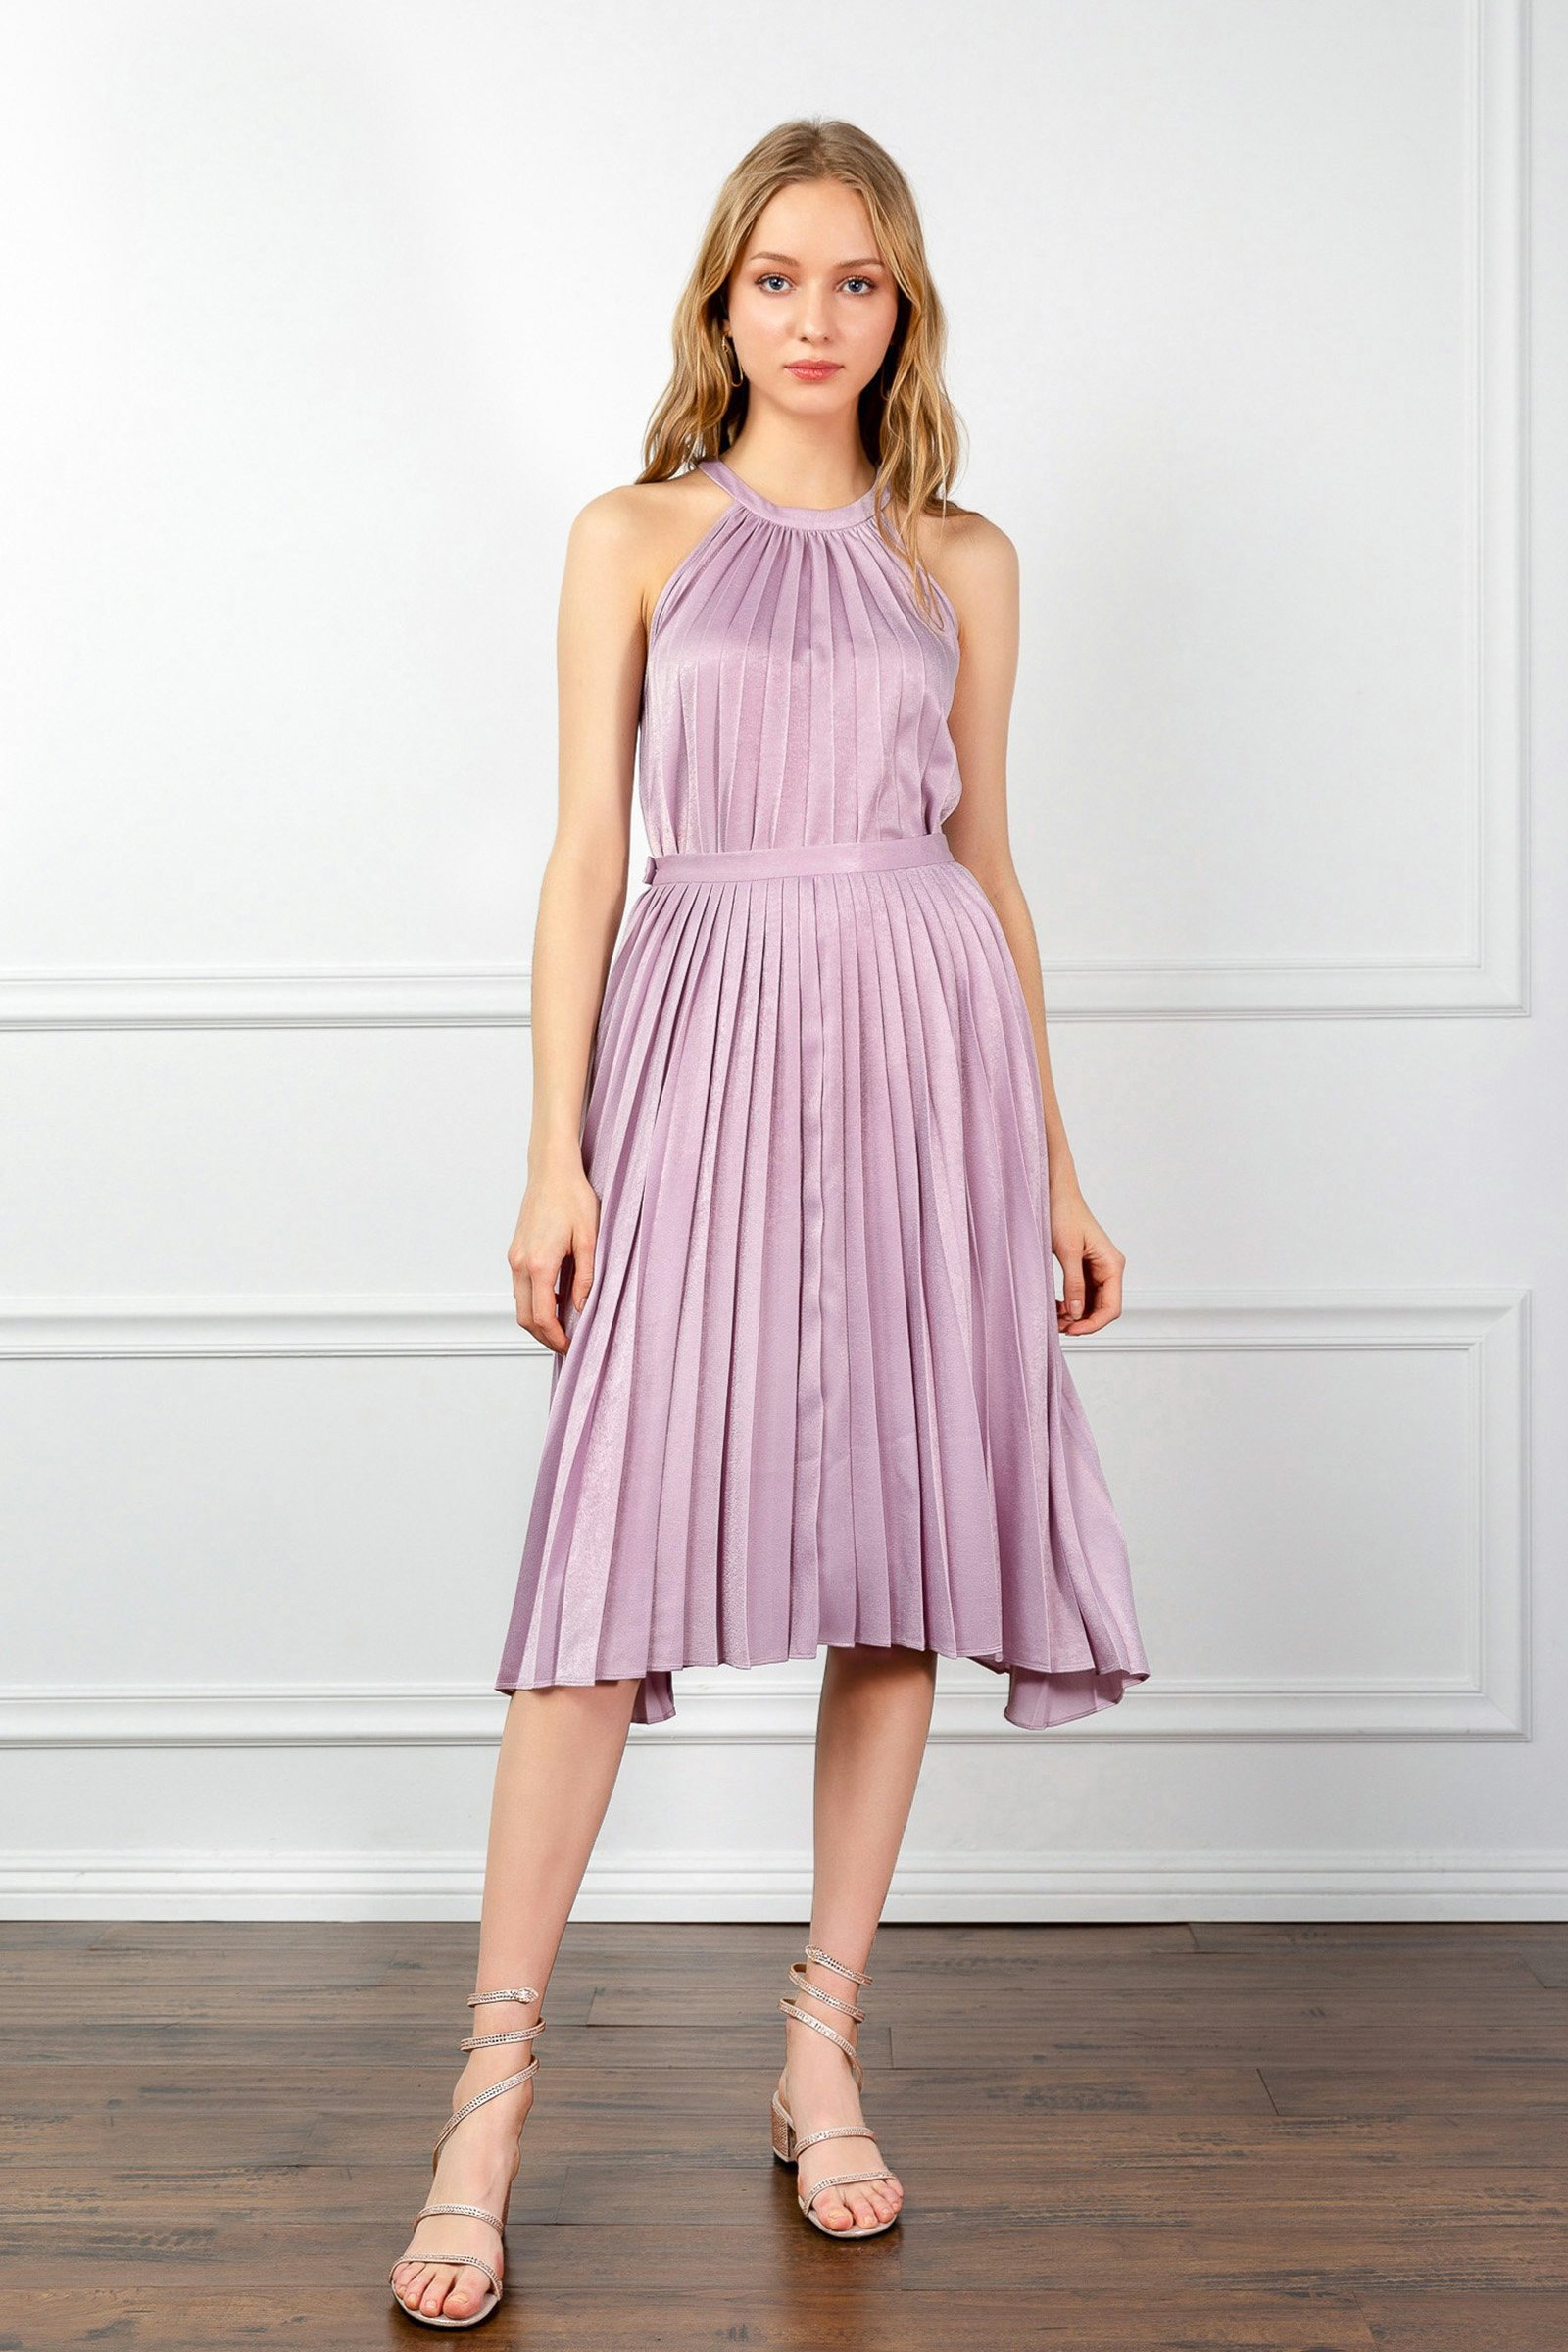 Image of Lavender Lola Skirt